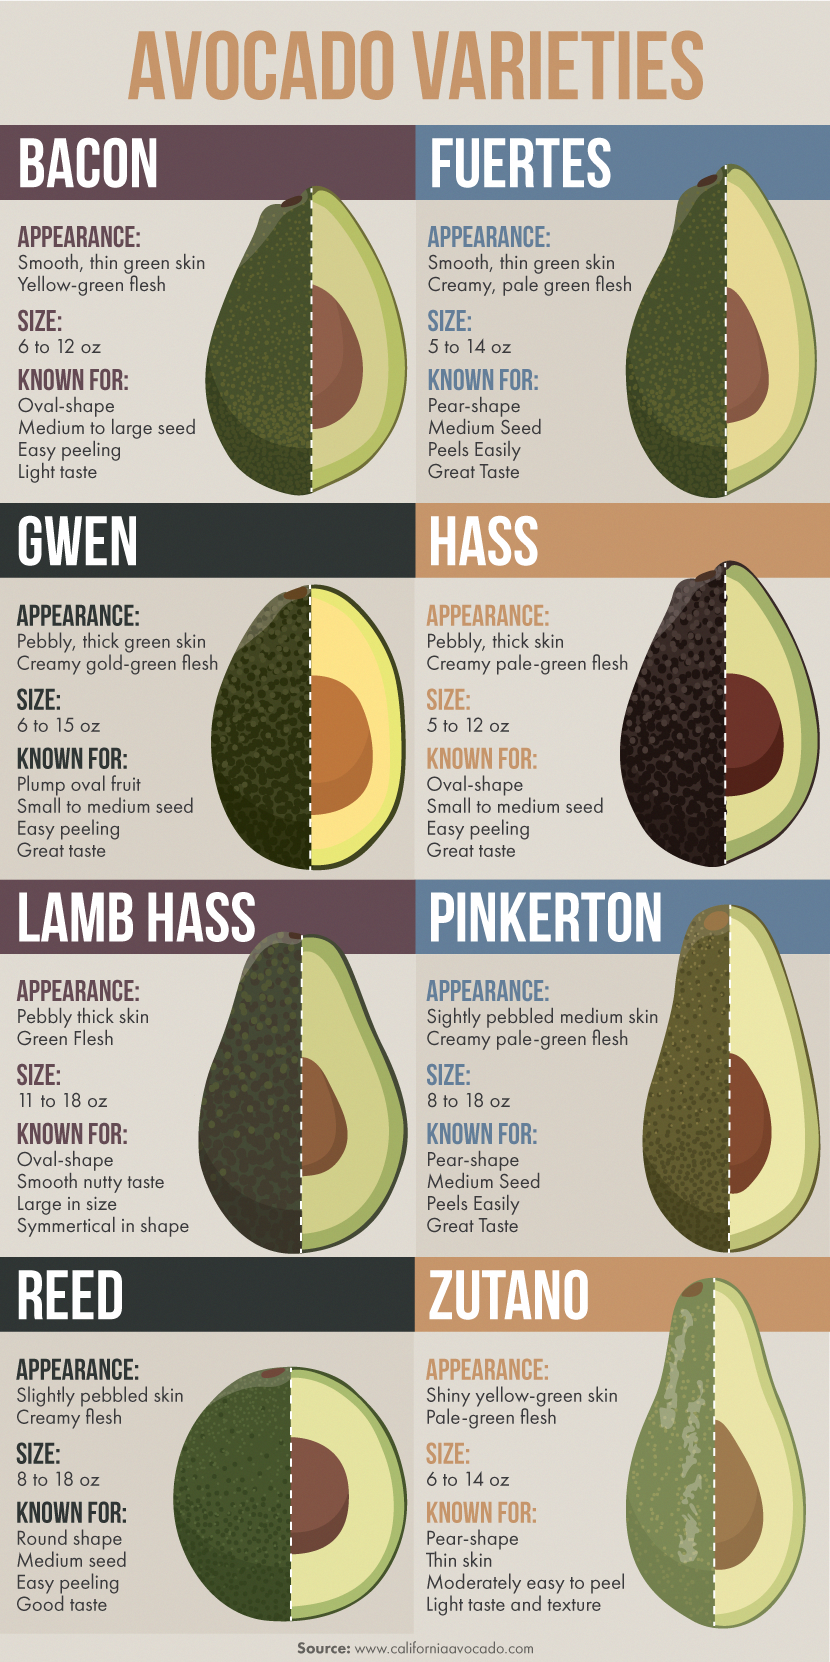 Avocado Varieties